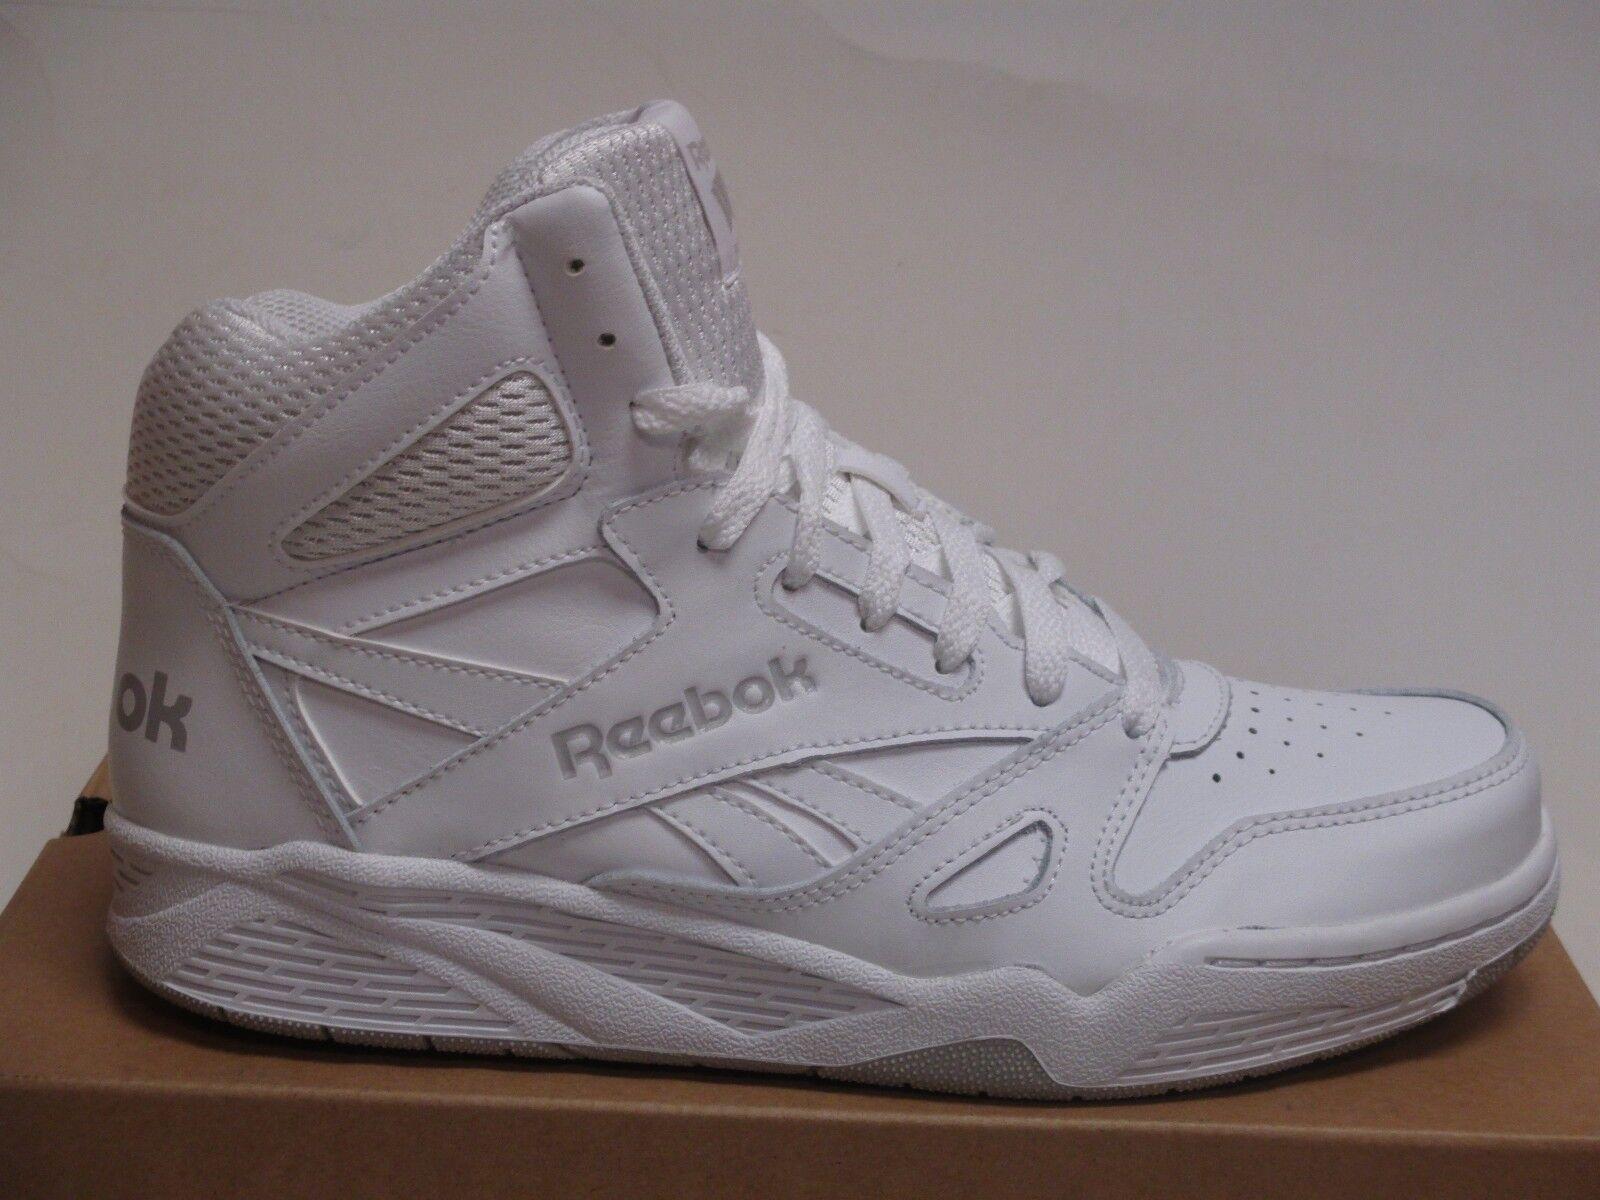 Reebok bb4500 (ancho (blanco) Hombre Basketball Zapatillas (ancho bb4500 MED) 81ad48